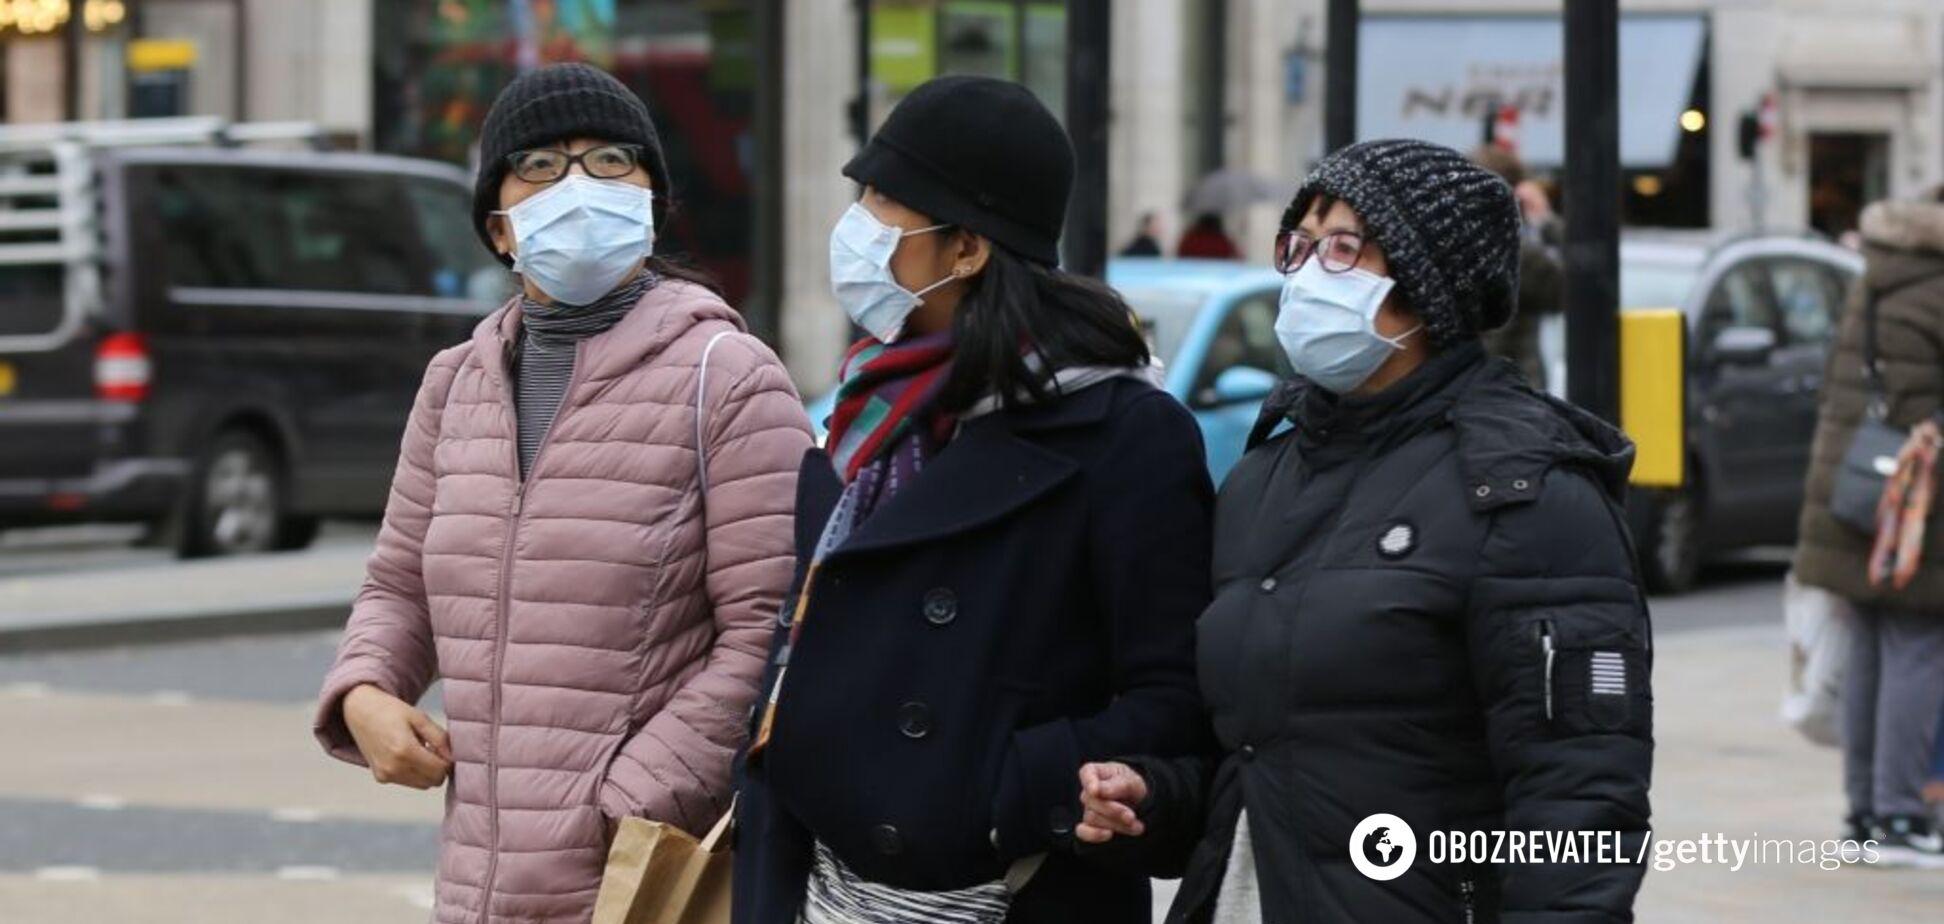 Эпидемия коронавируса закончится в 2021 году: в Британии дали неутешительный прогноз